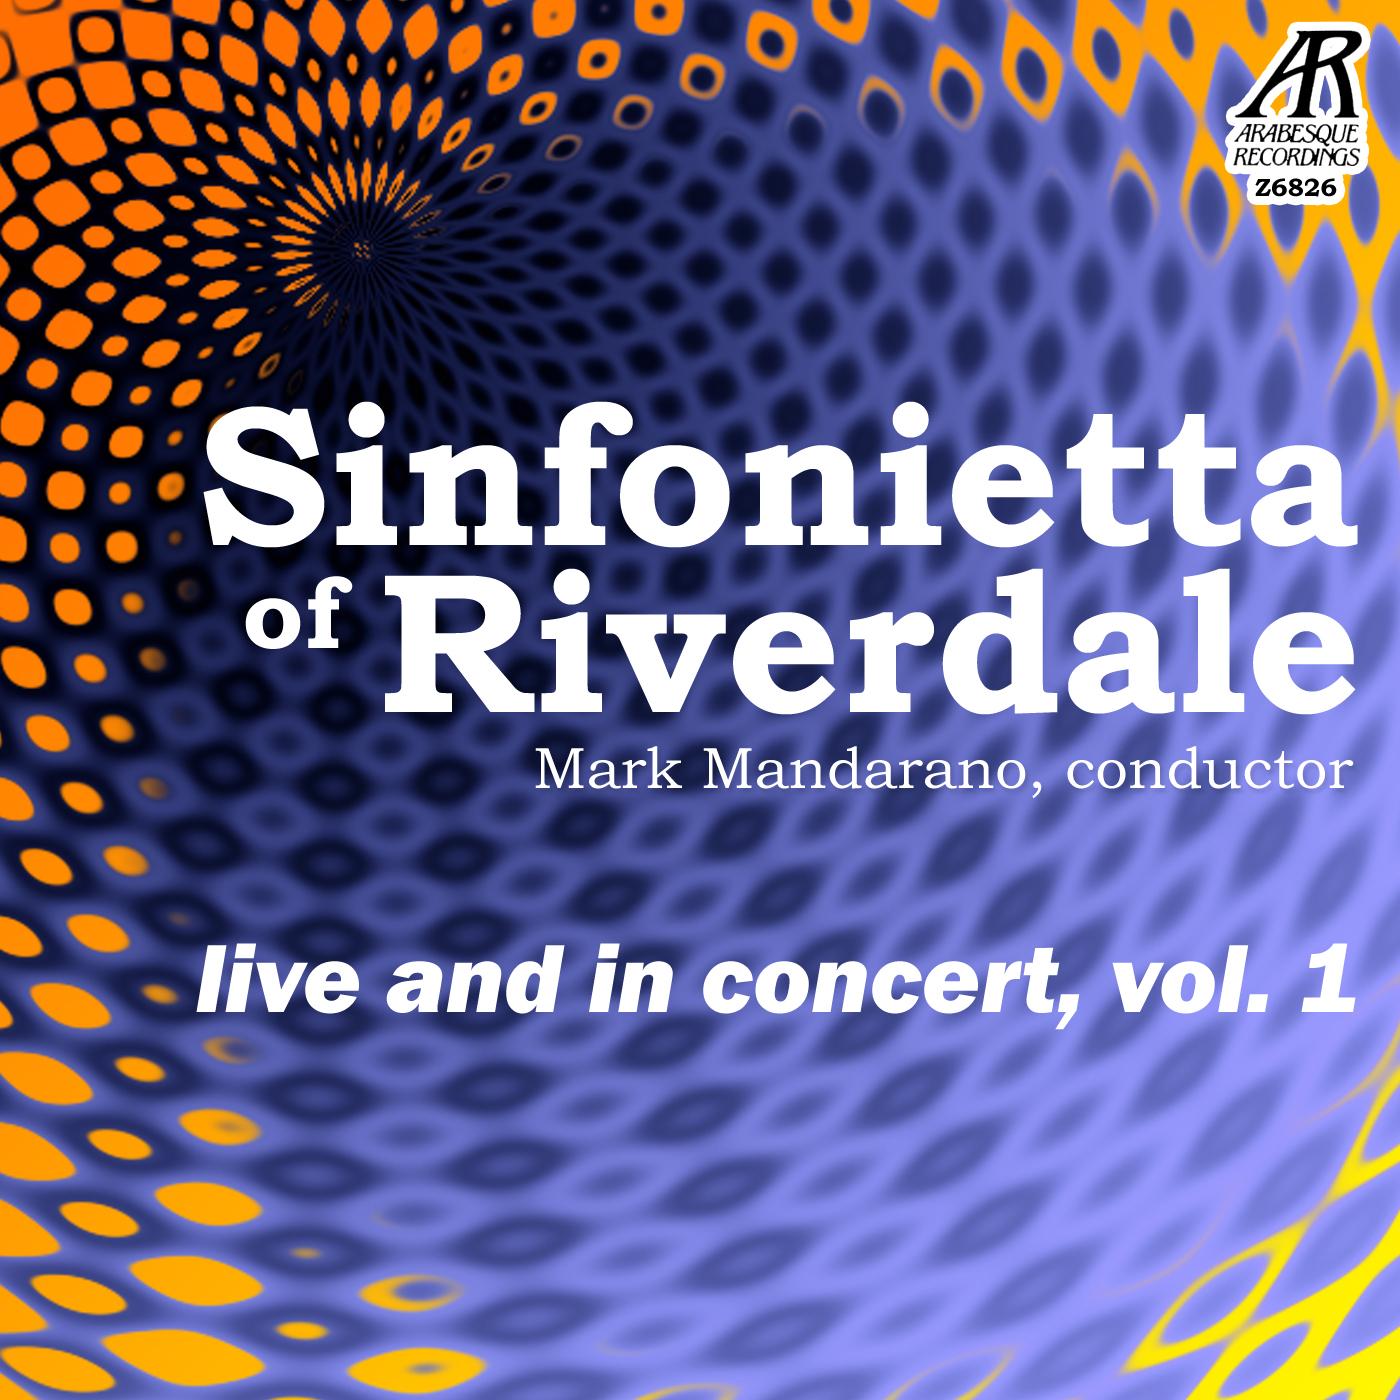 Sinfonietta_Cover_CDsize.jpg